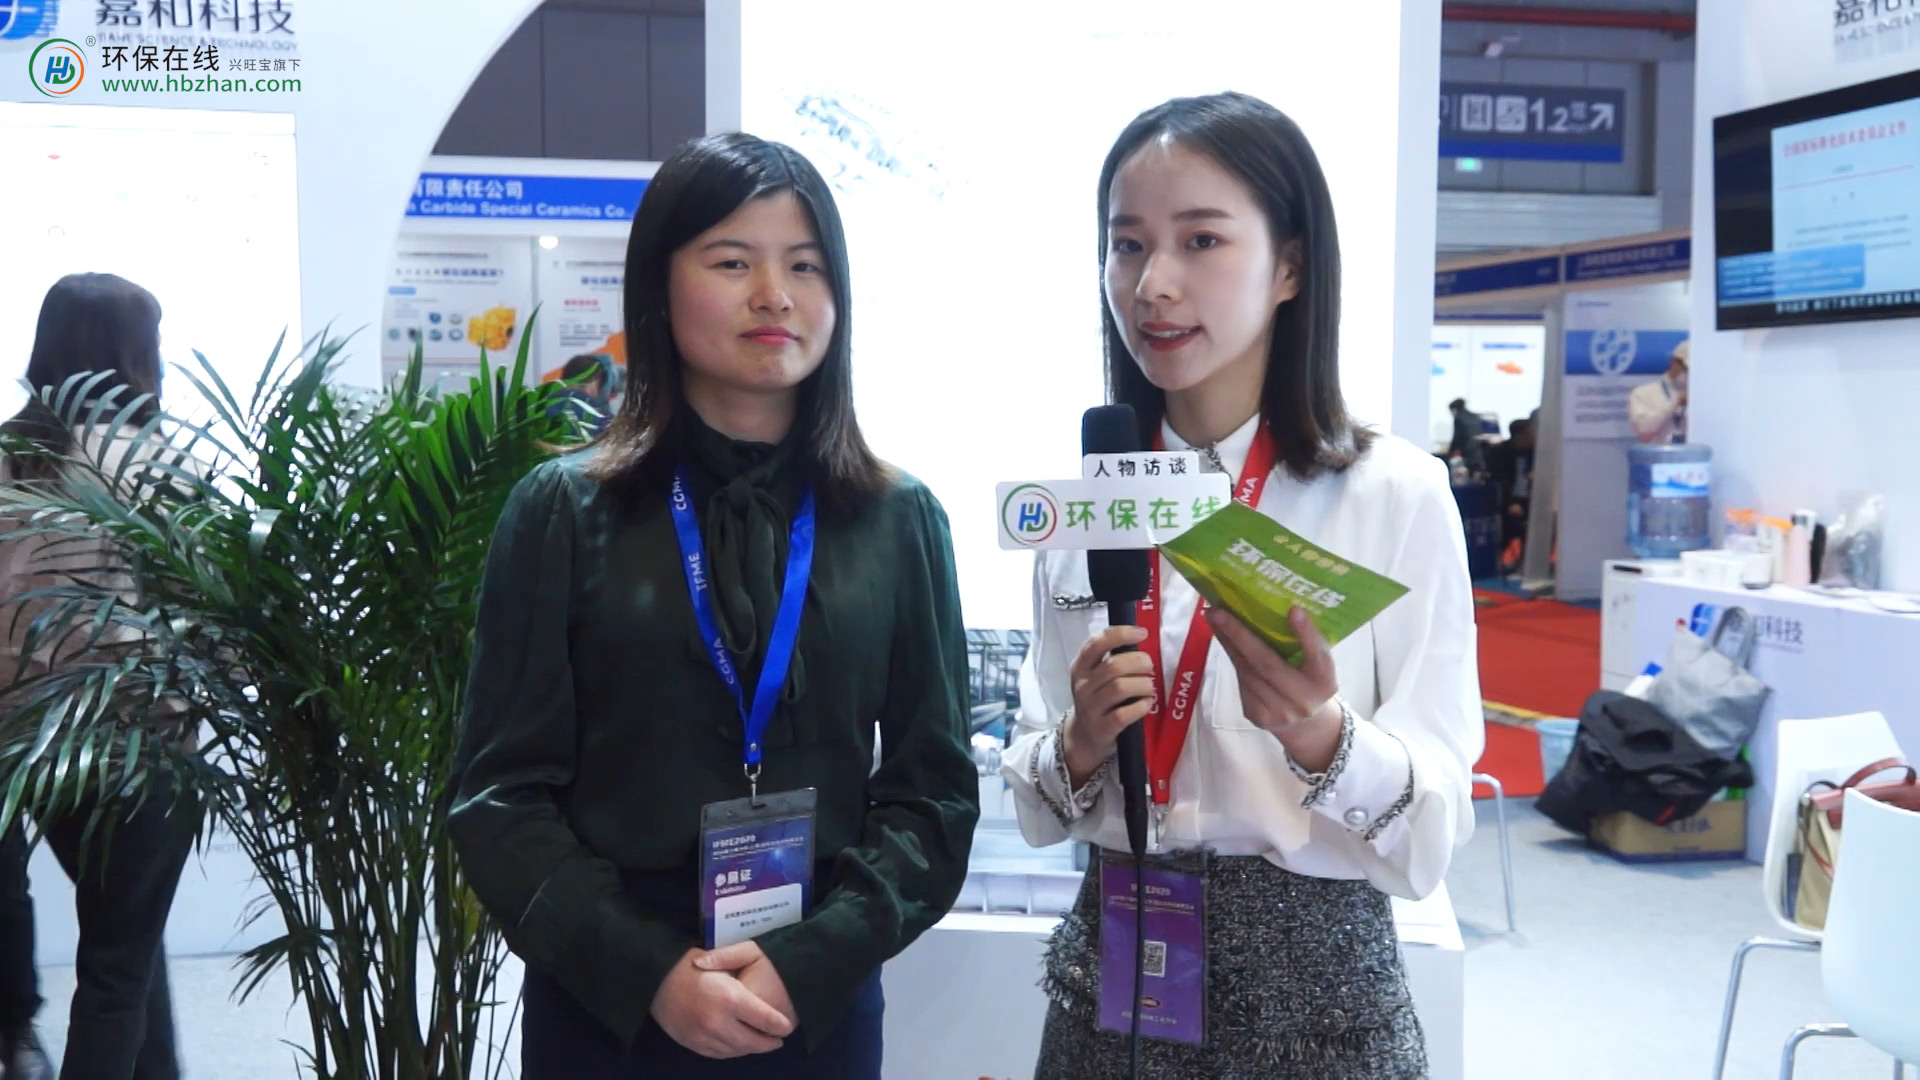 專訪︰昆明嘉和科技股份有限公司副總經理洪秋虹